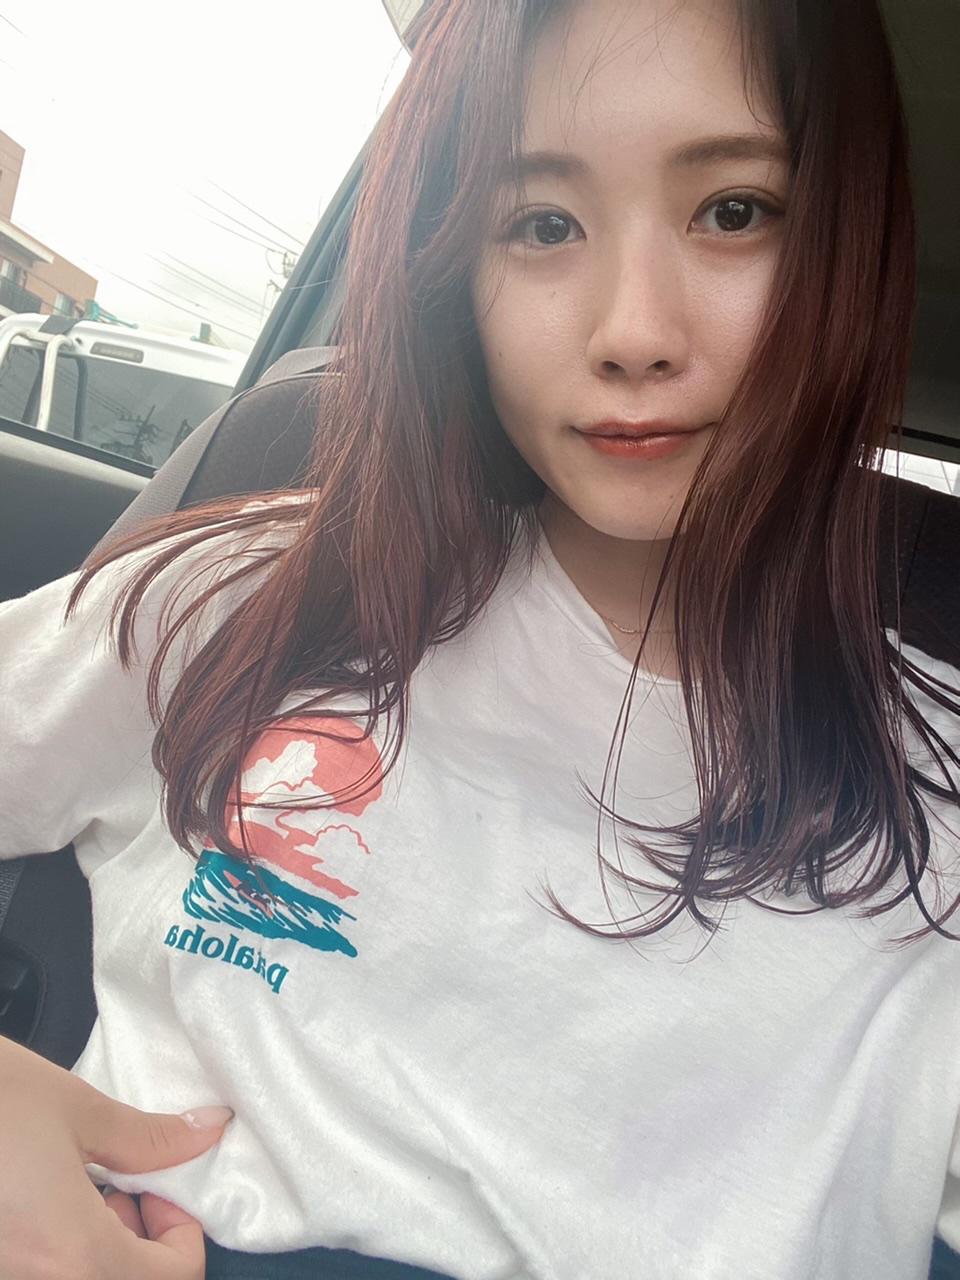 【虹プロ熱冷めず】Newヘアカラーと韓国風前髪やはじめてのコーデ紹介_4